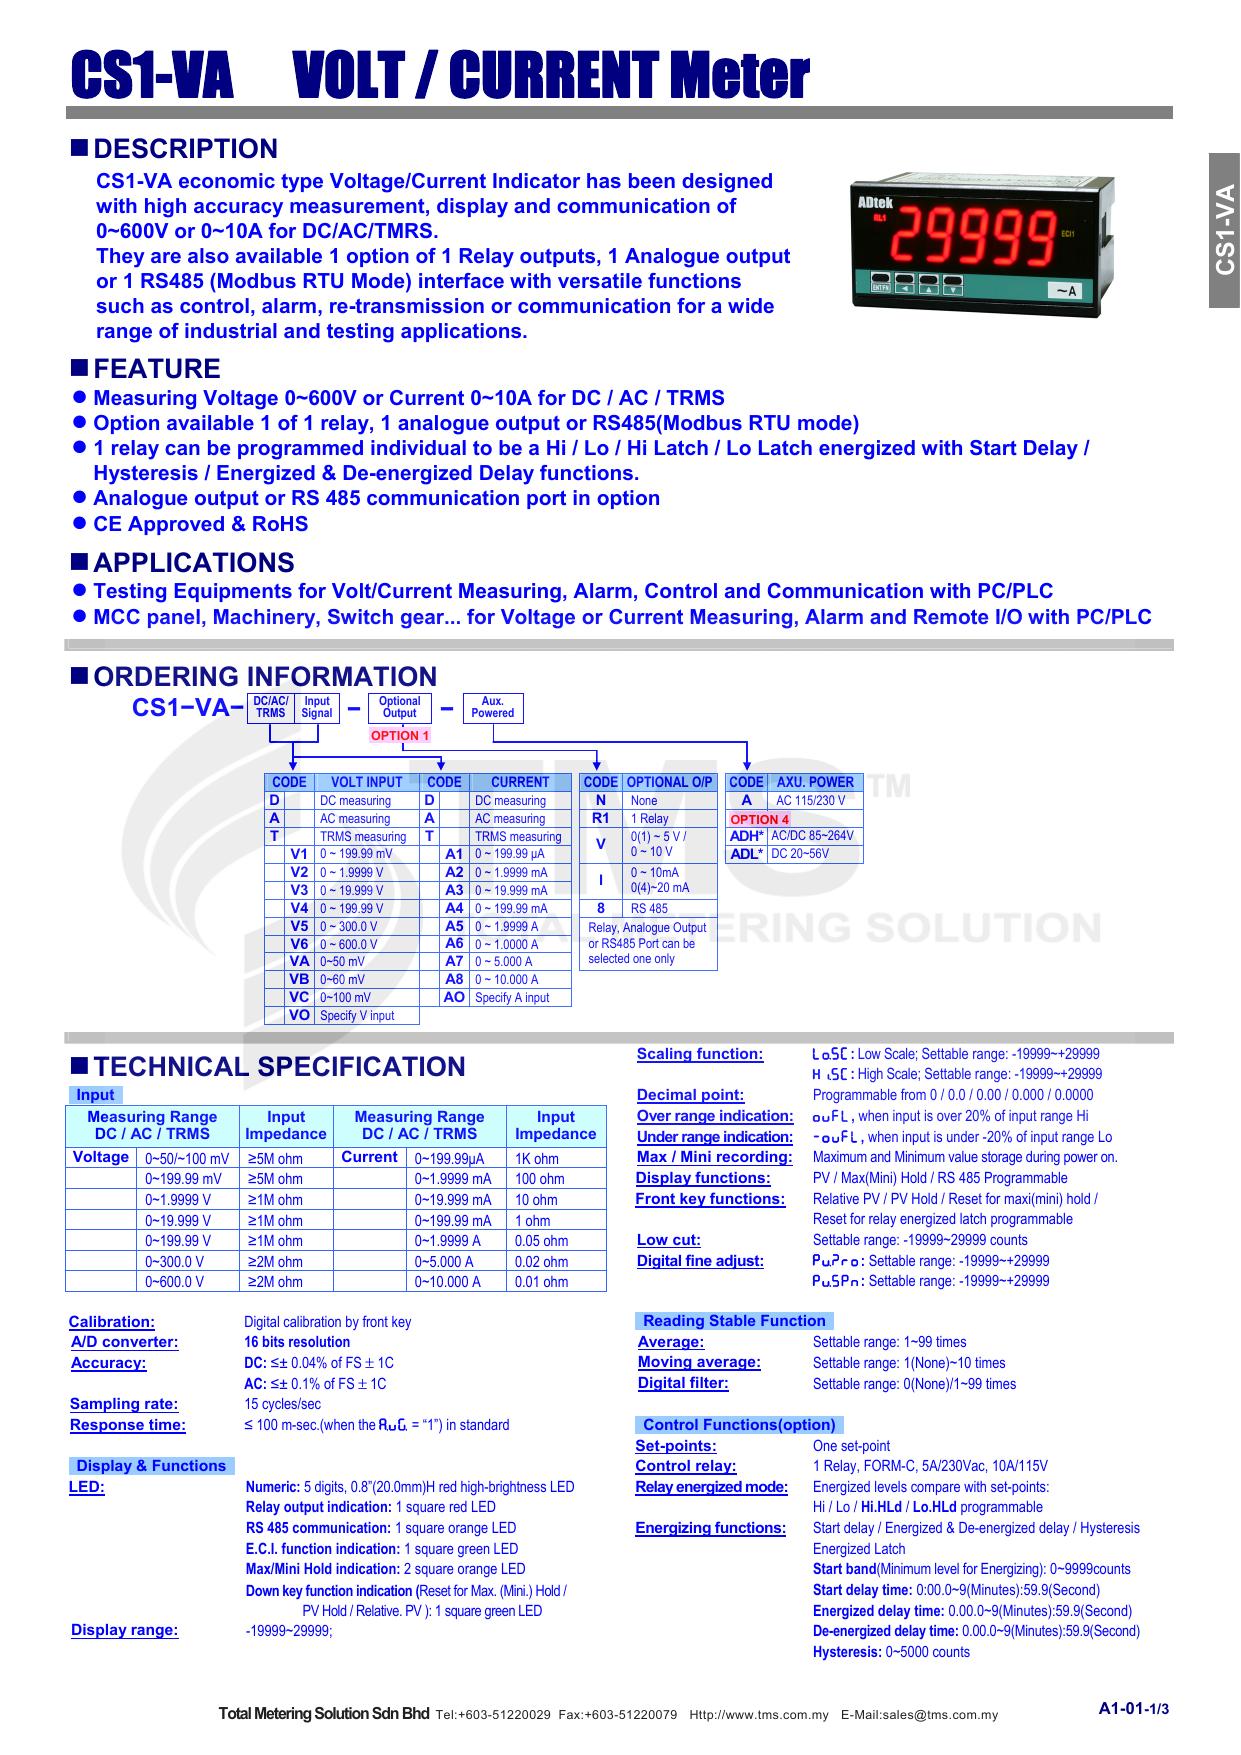 cs1 va volt current meter manualzzcom